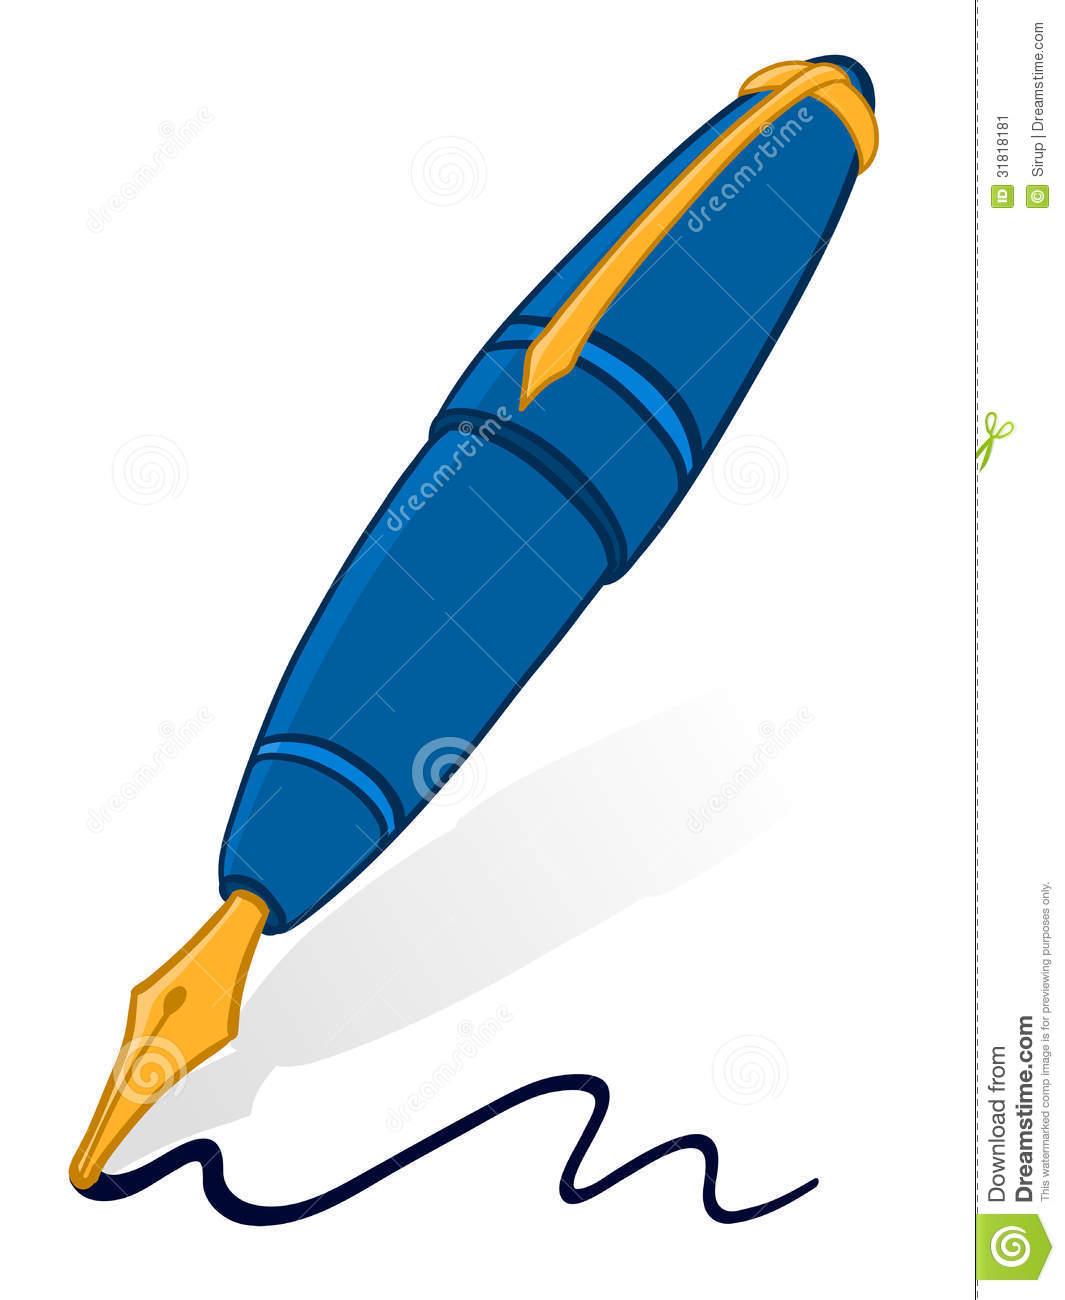 Pen clipart fountain pen Clipart Panda fountain%20pen%20clipart Fountain Images